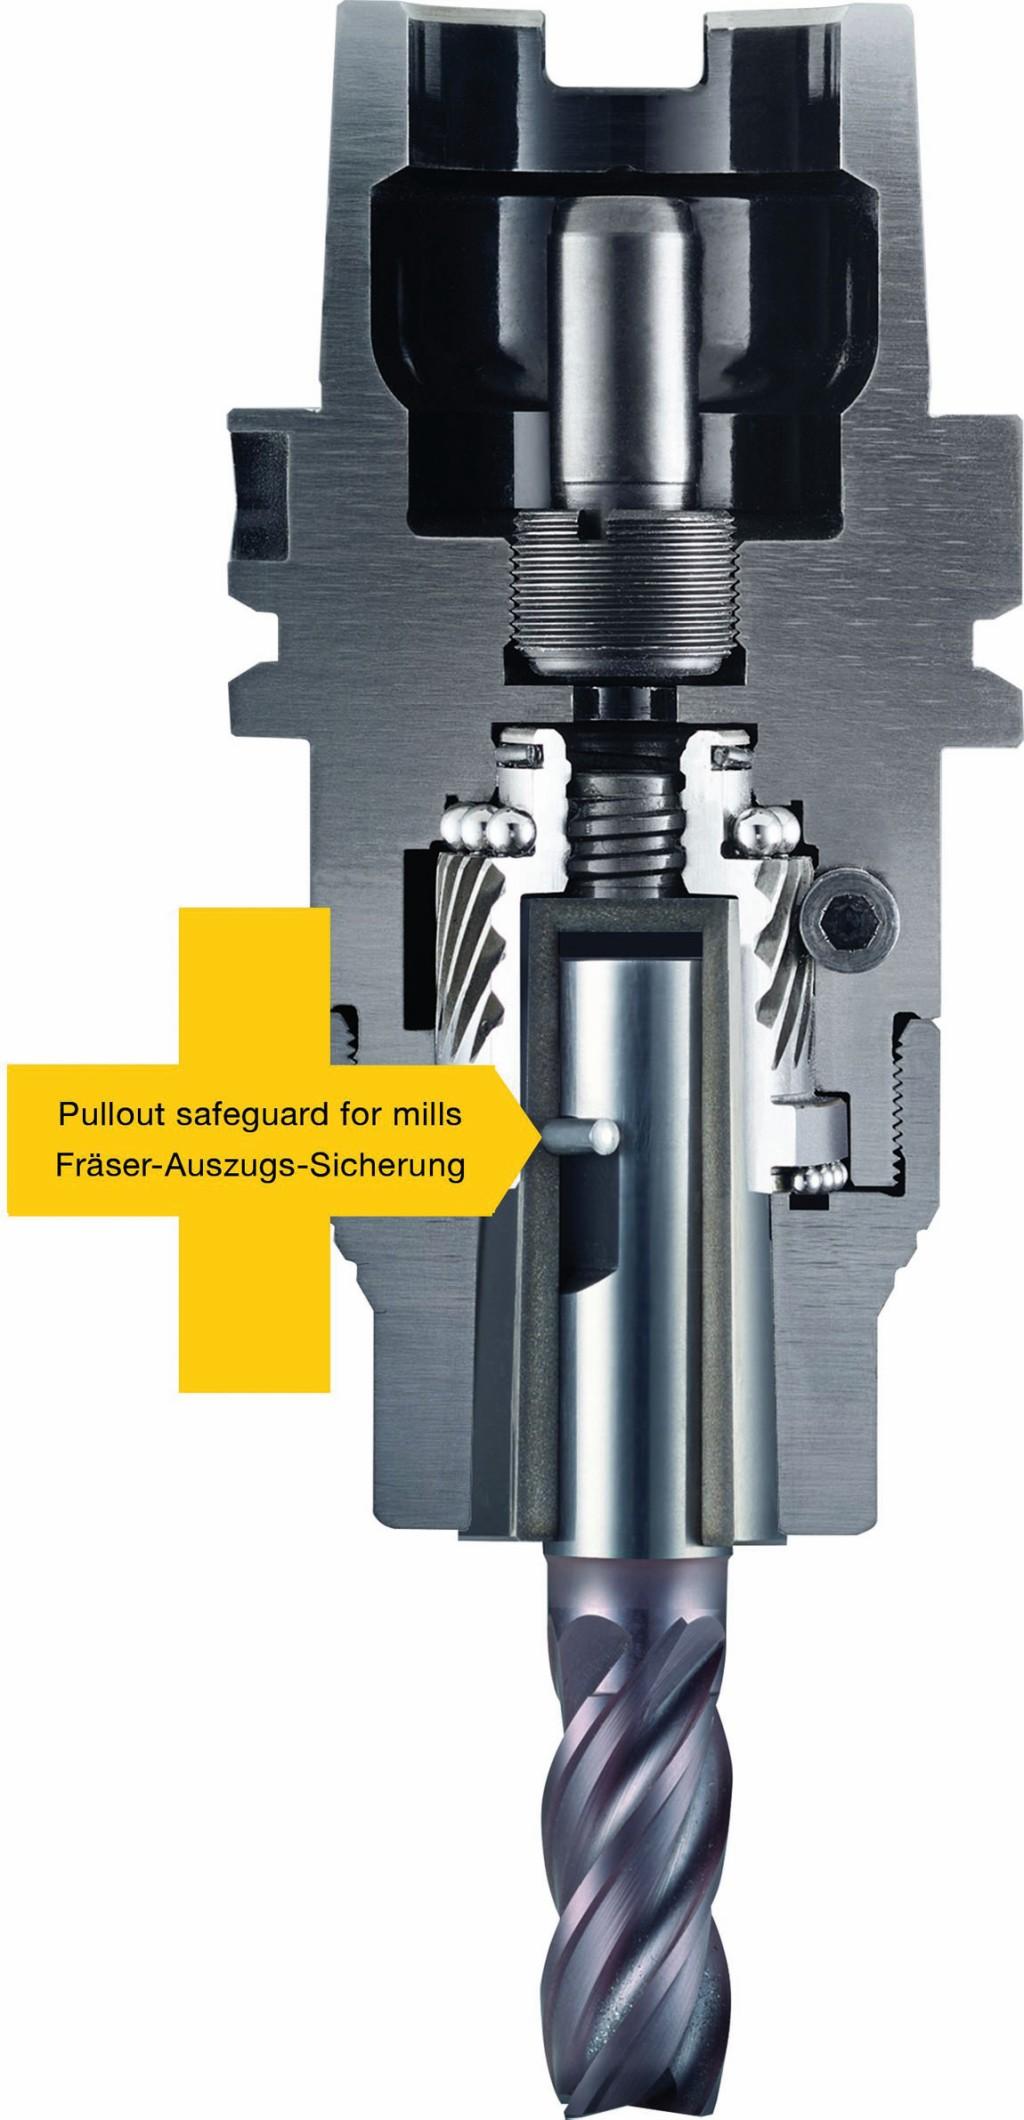 Bild 1. Der radiale Sicherungsstift in der Weldon-Spannfläche verhindert das Herausziehen des Fräsers. Bild: Albrecht